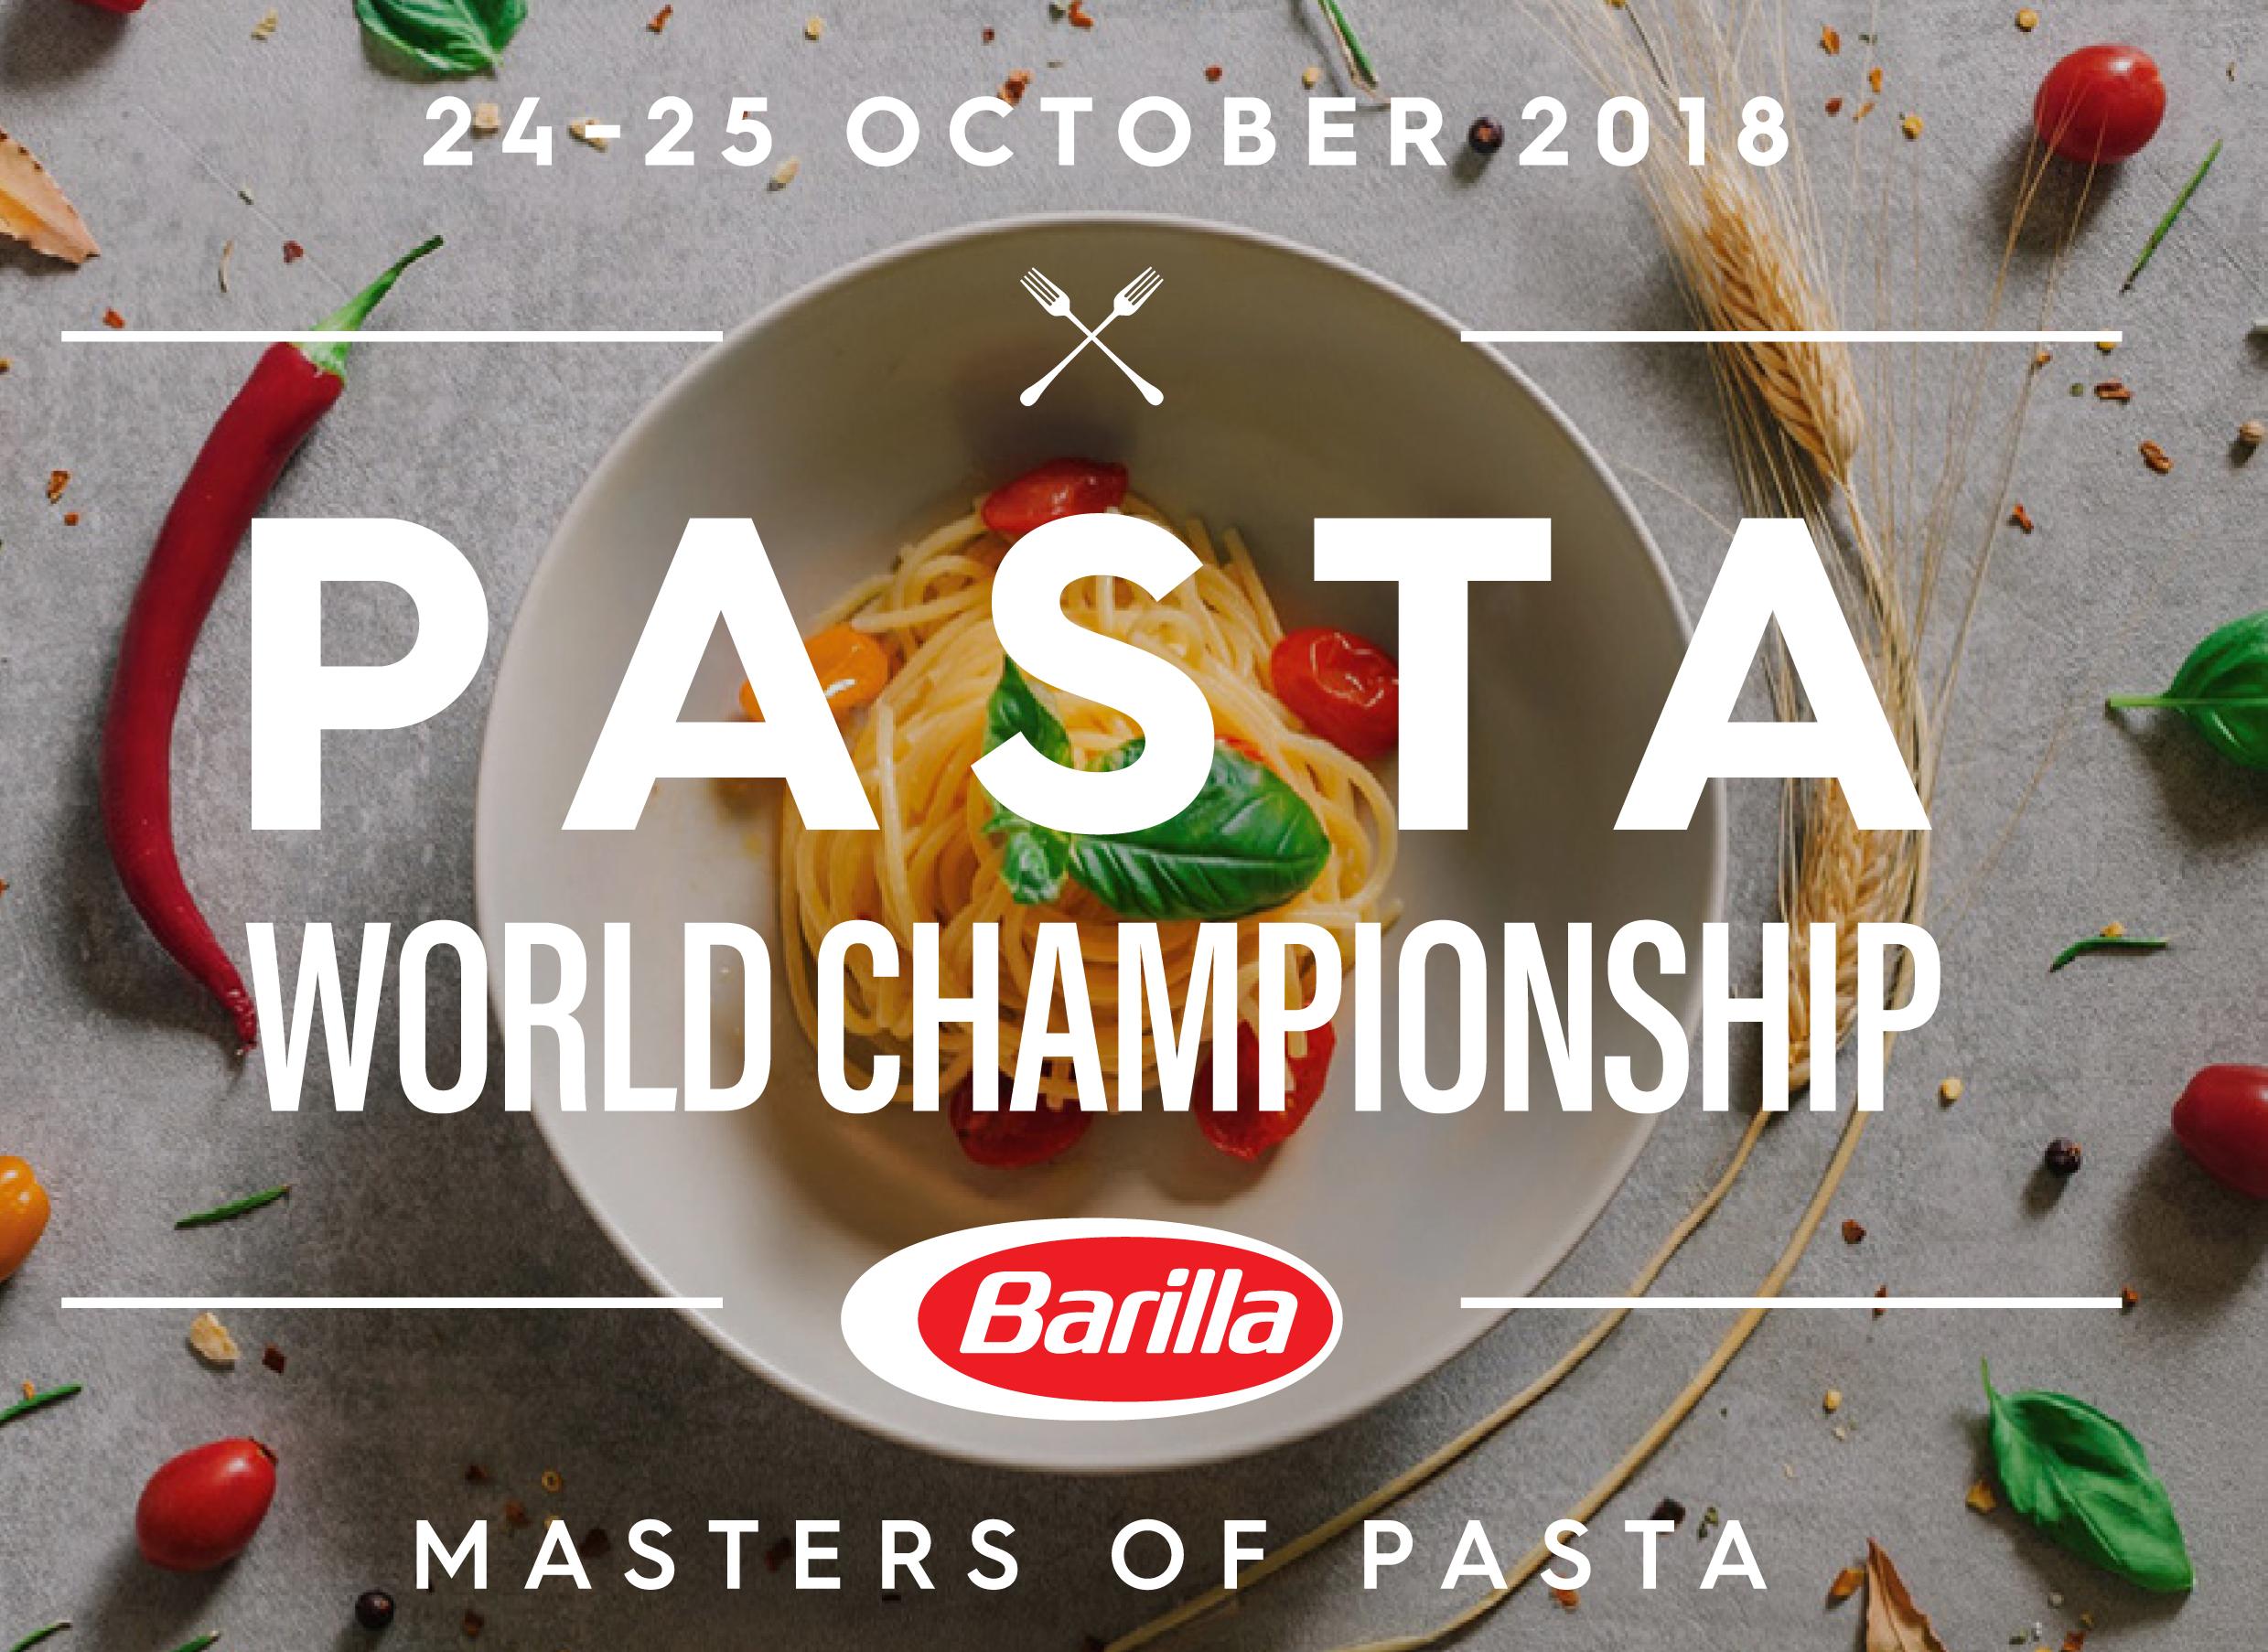 Pasta World Championship 2018- October 24-25, 2018